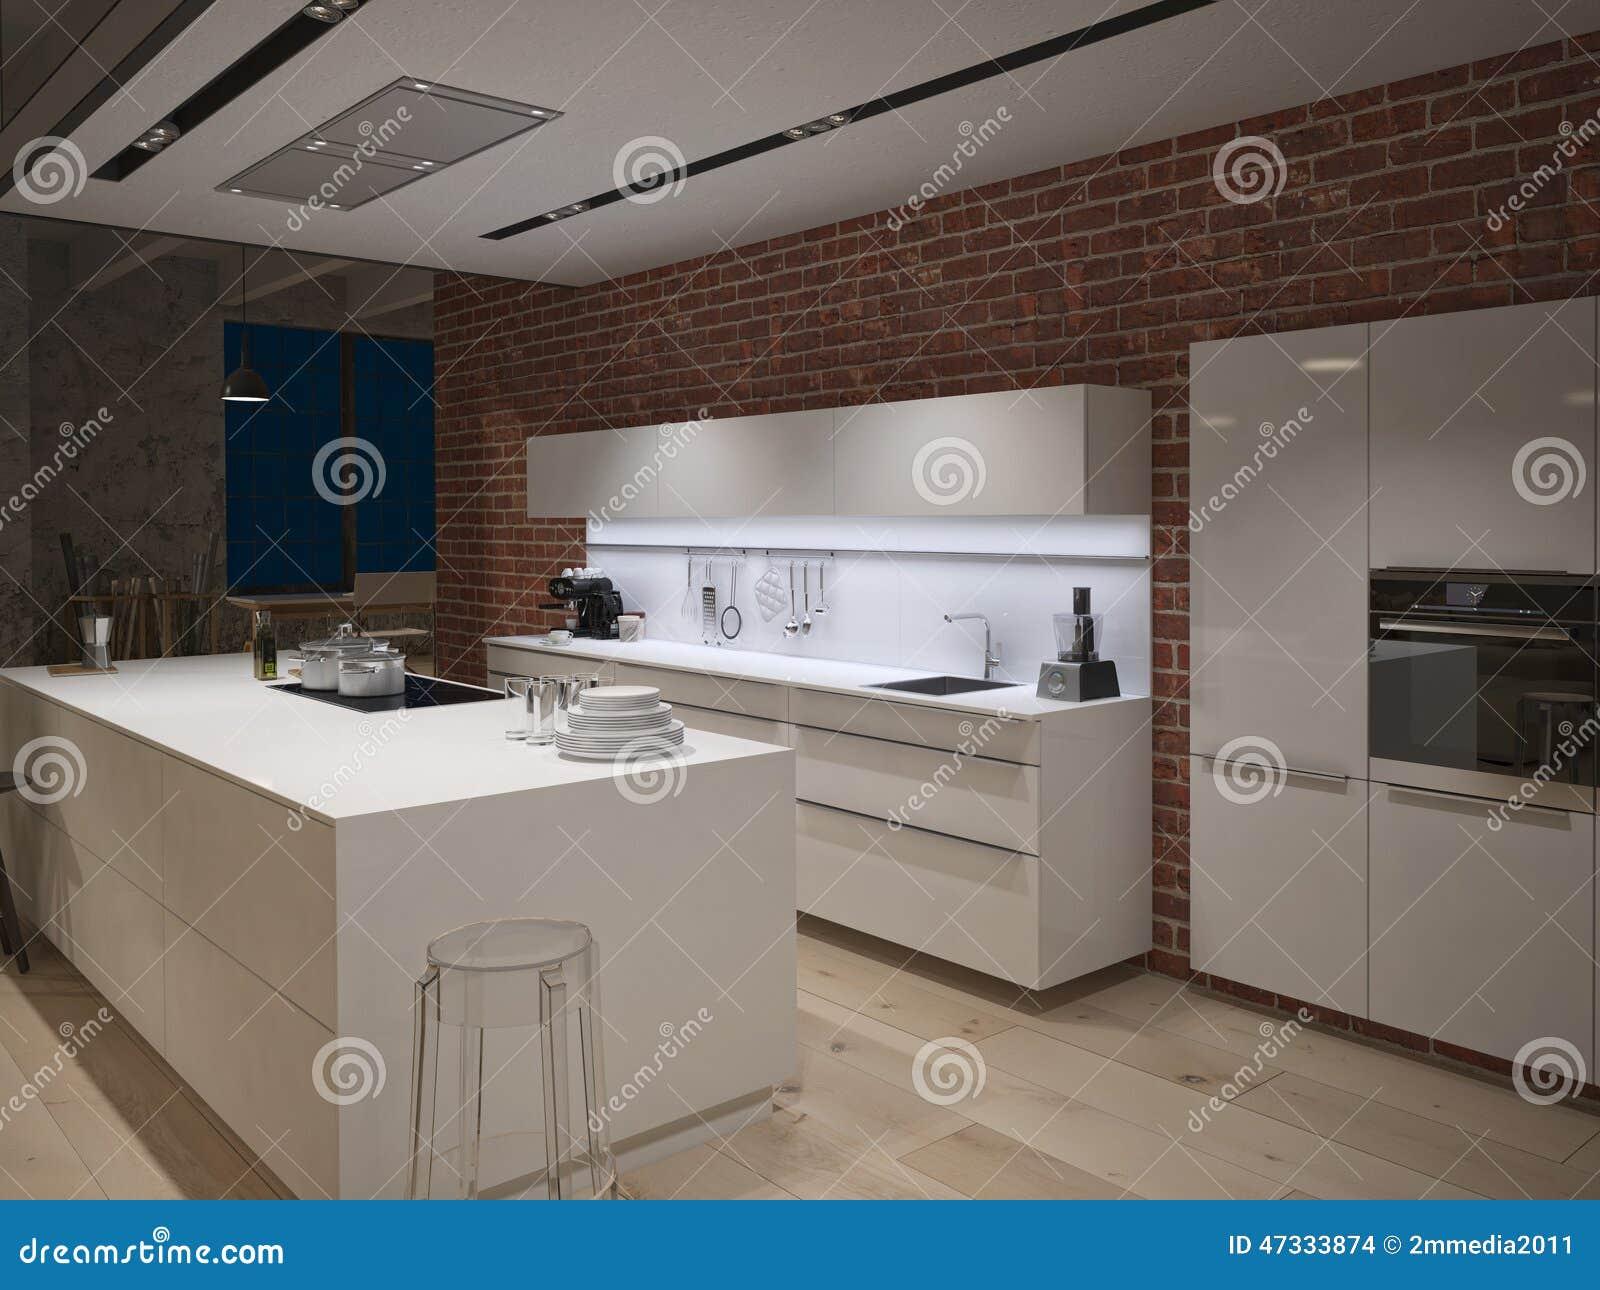 Cozinha de aço contemporânea em industrial convertido